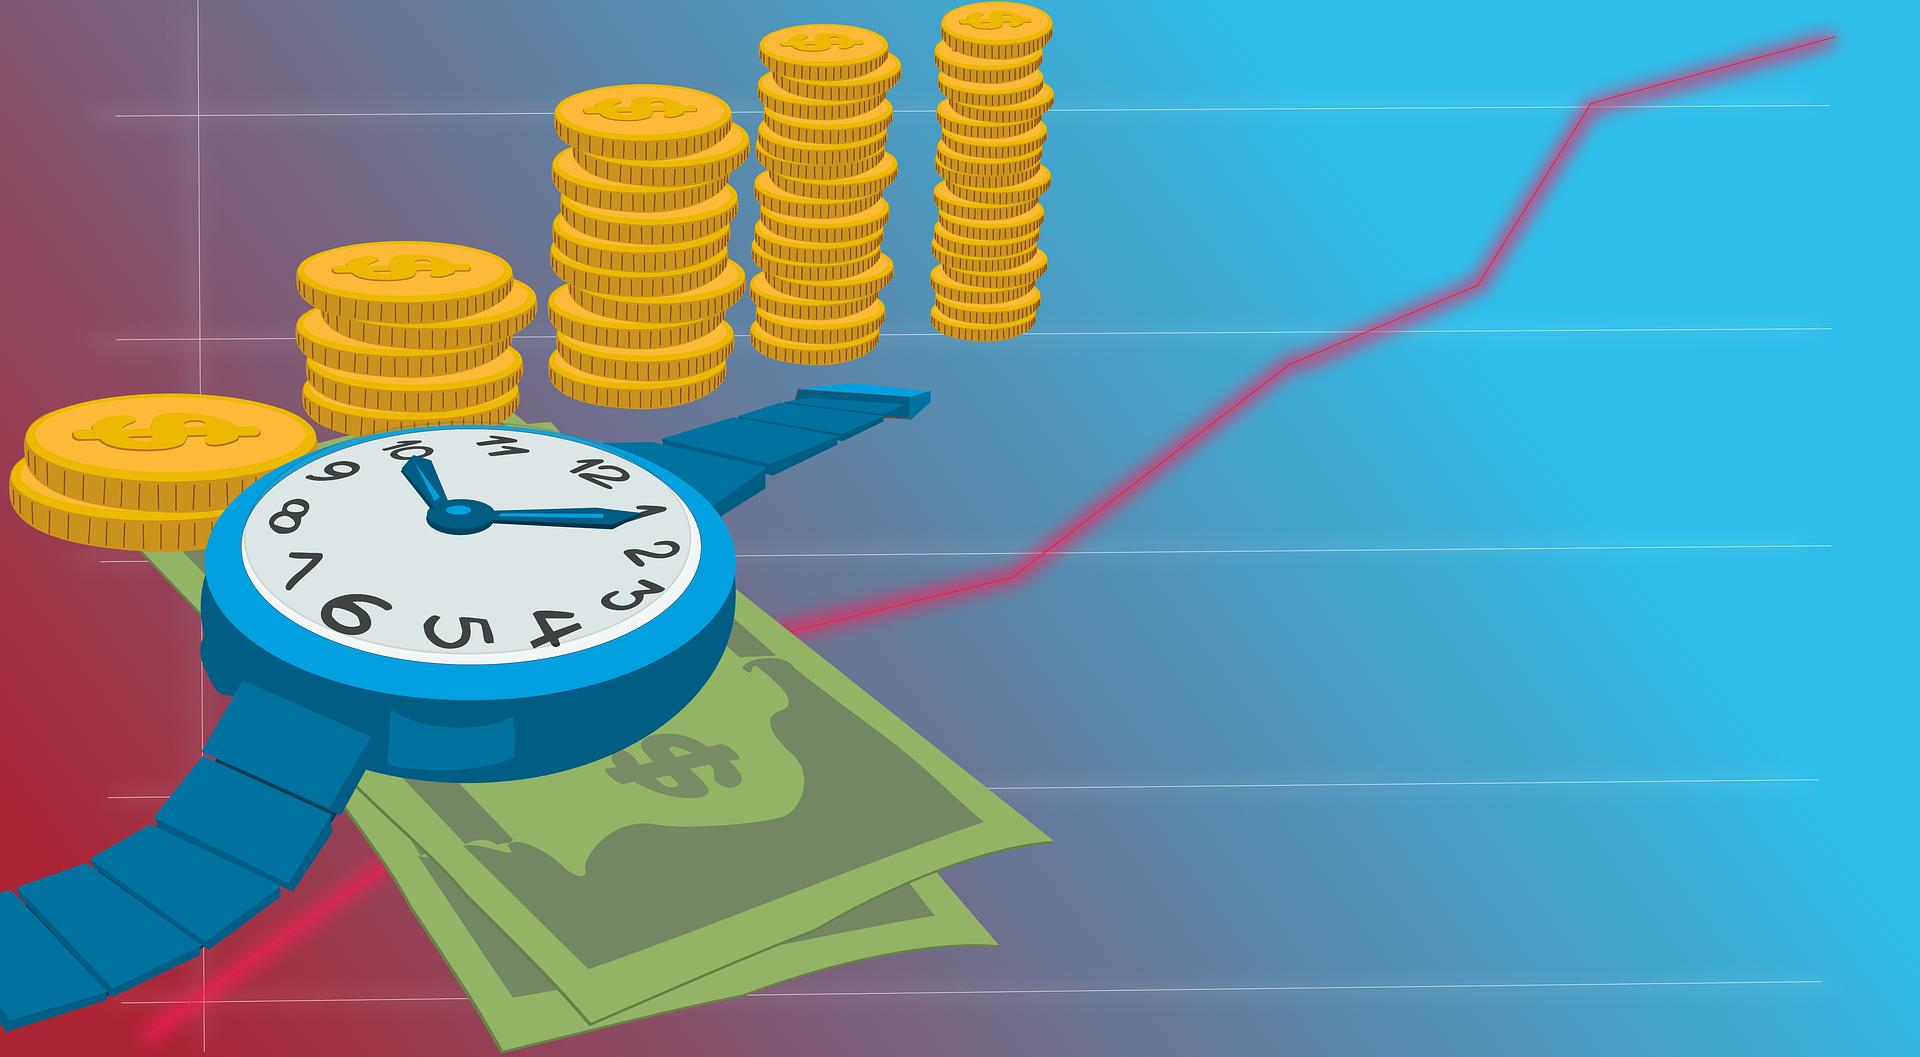 Temps et argent - Image libre : Rilsonav sur pixabay.com